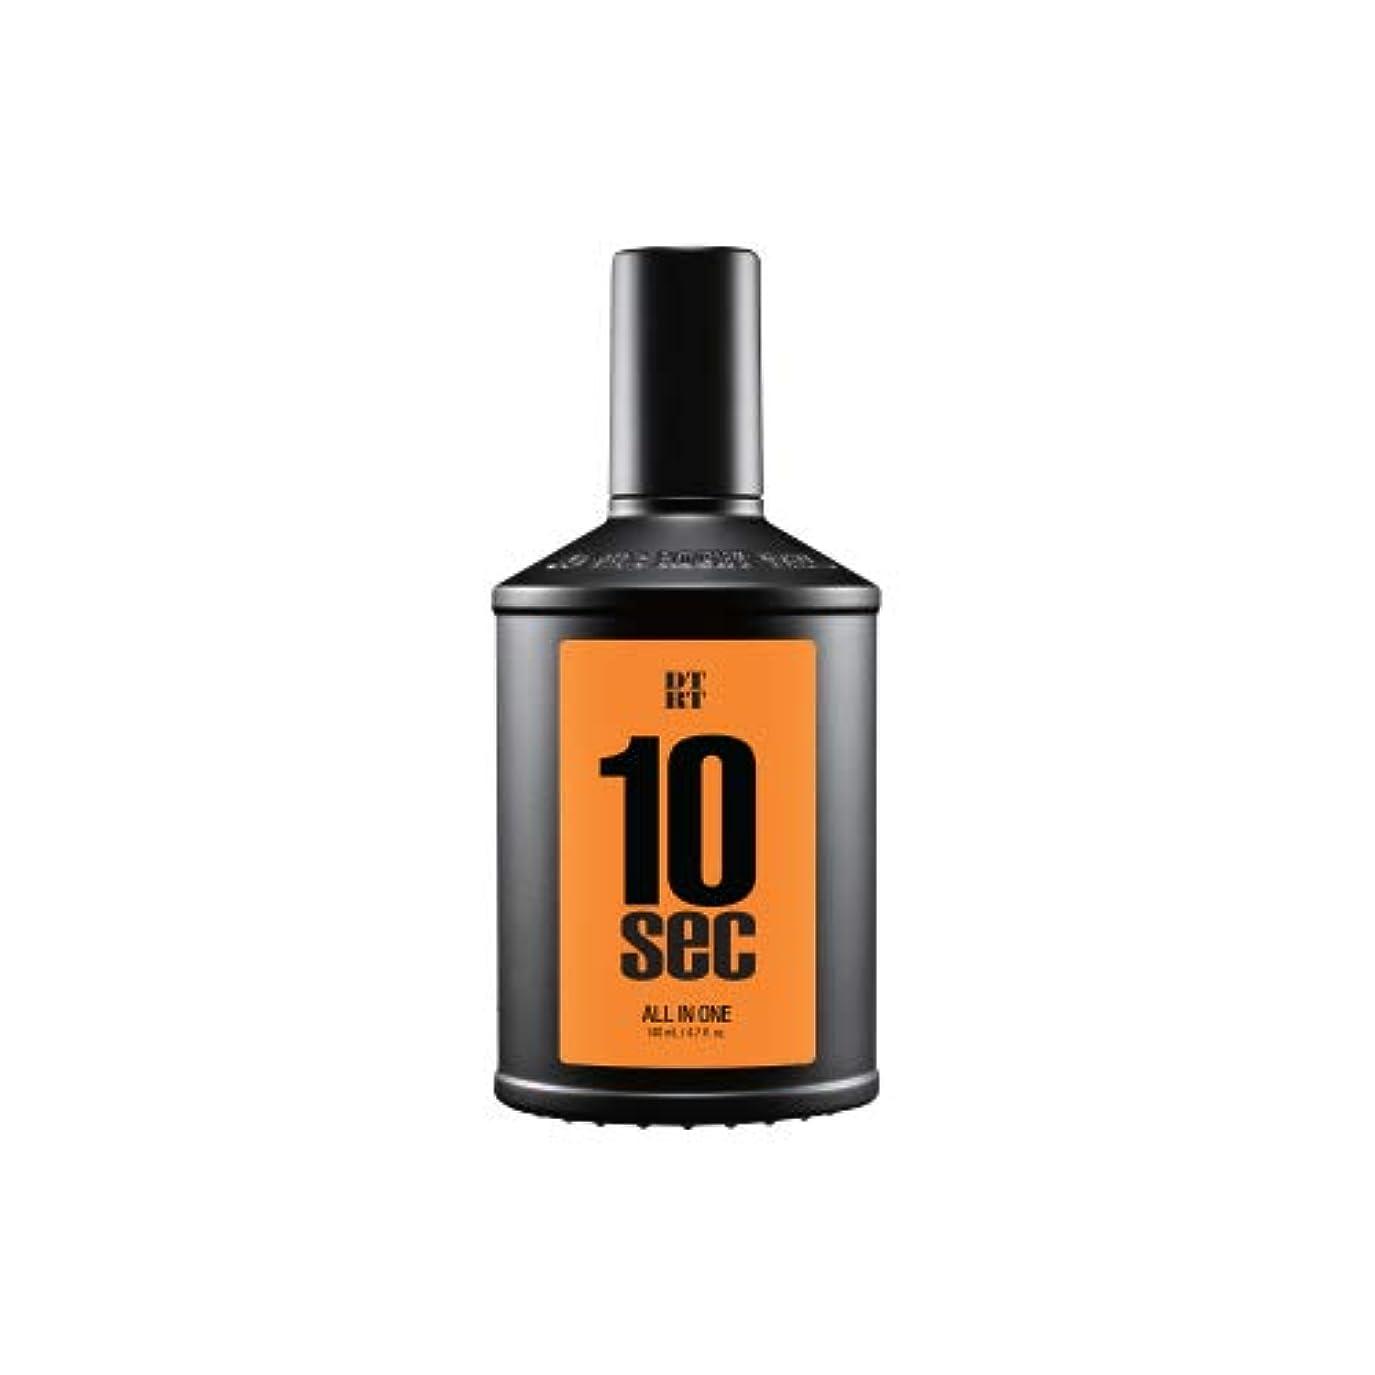 インフラ意気込みコーヒーメンズコスメ DTRT オールインワン化粧水 10sec